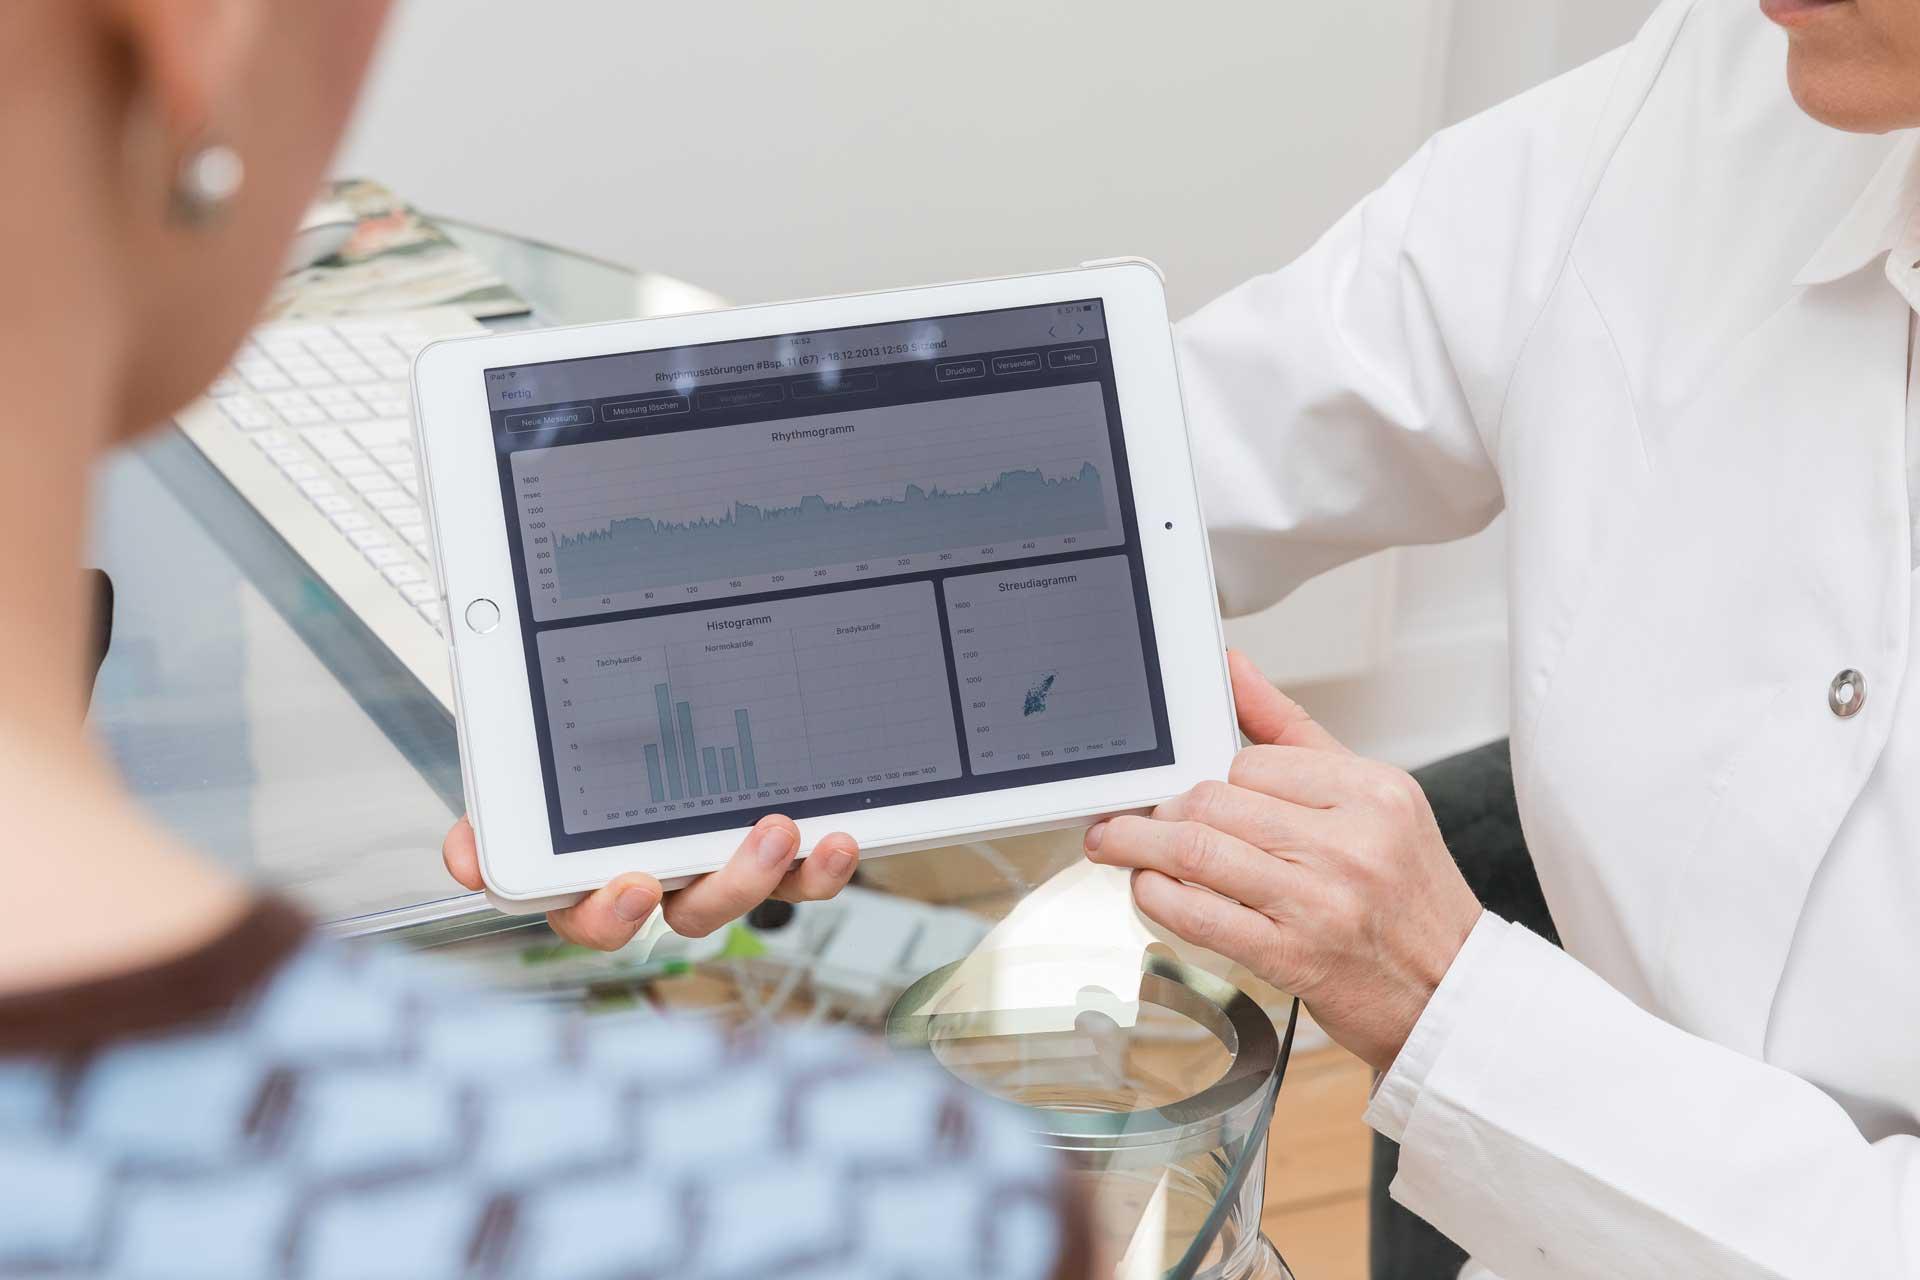 Privatarztpraxis Integrative Medizin – Stress Vorsorgeuntersuchung und Analyse des vegetativen Nervensystem in Braunschweig.